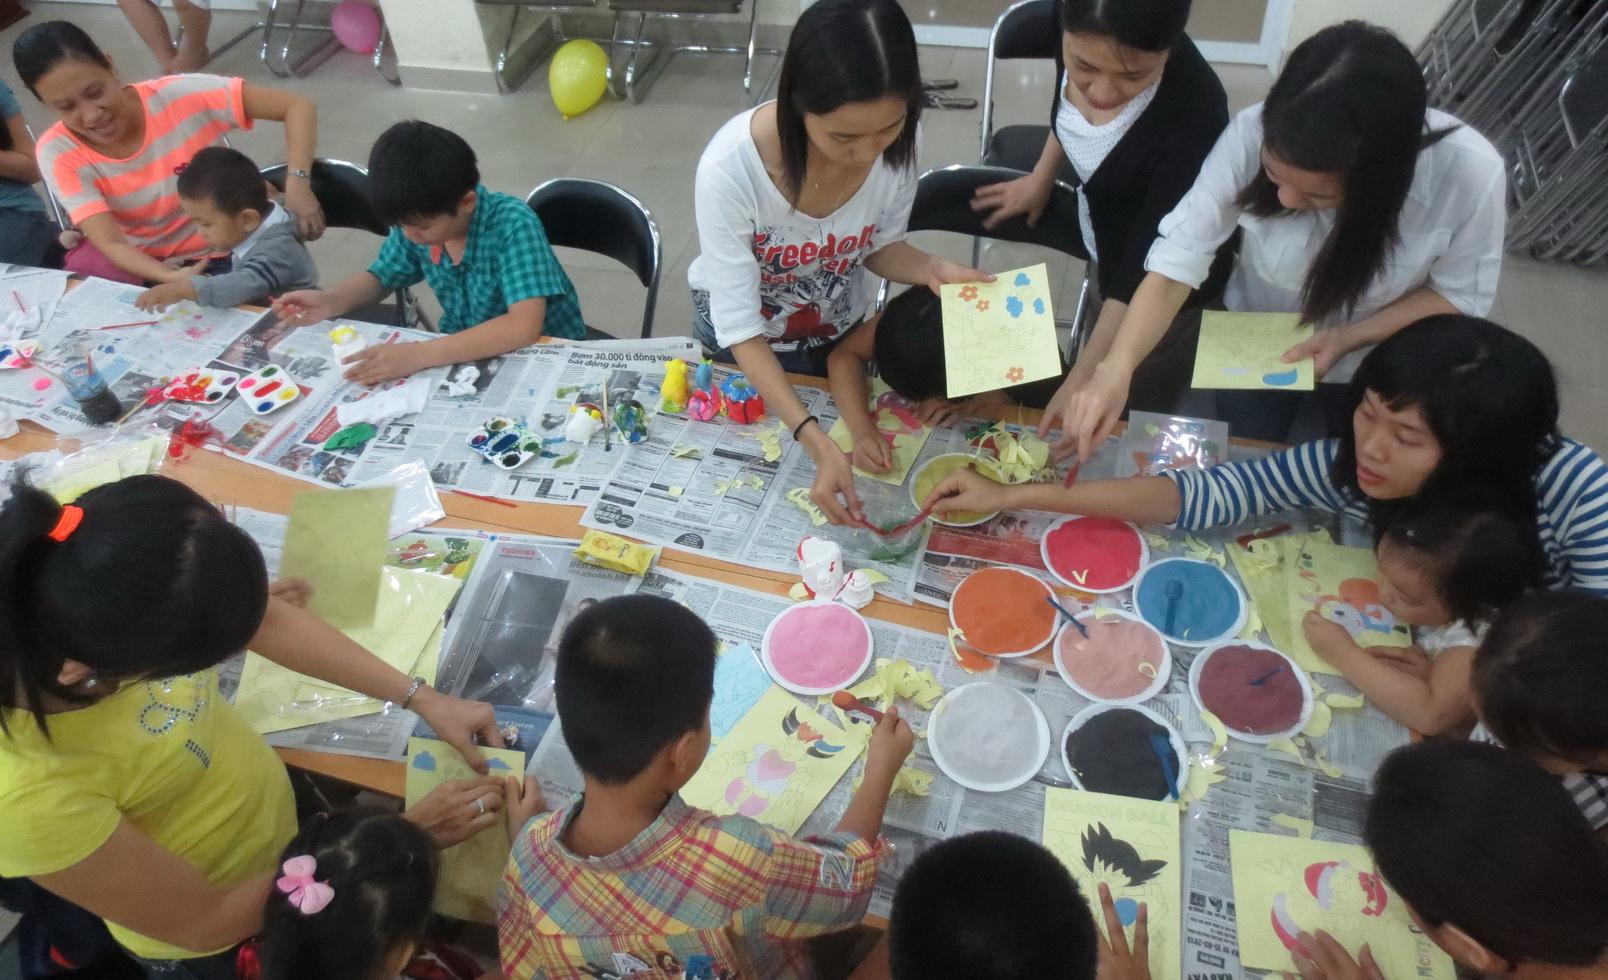 Cách vẽ tranh cát, tô tranh cát cho trẻ em